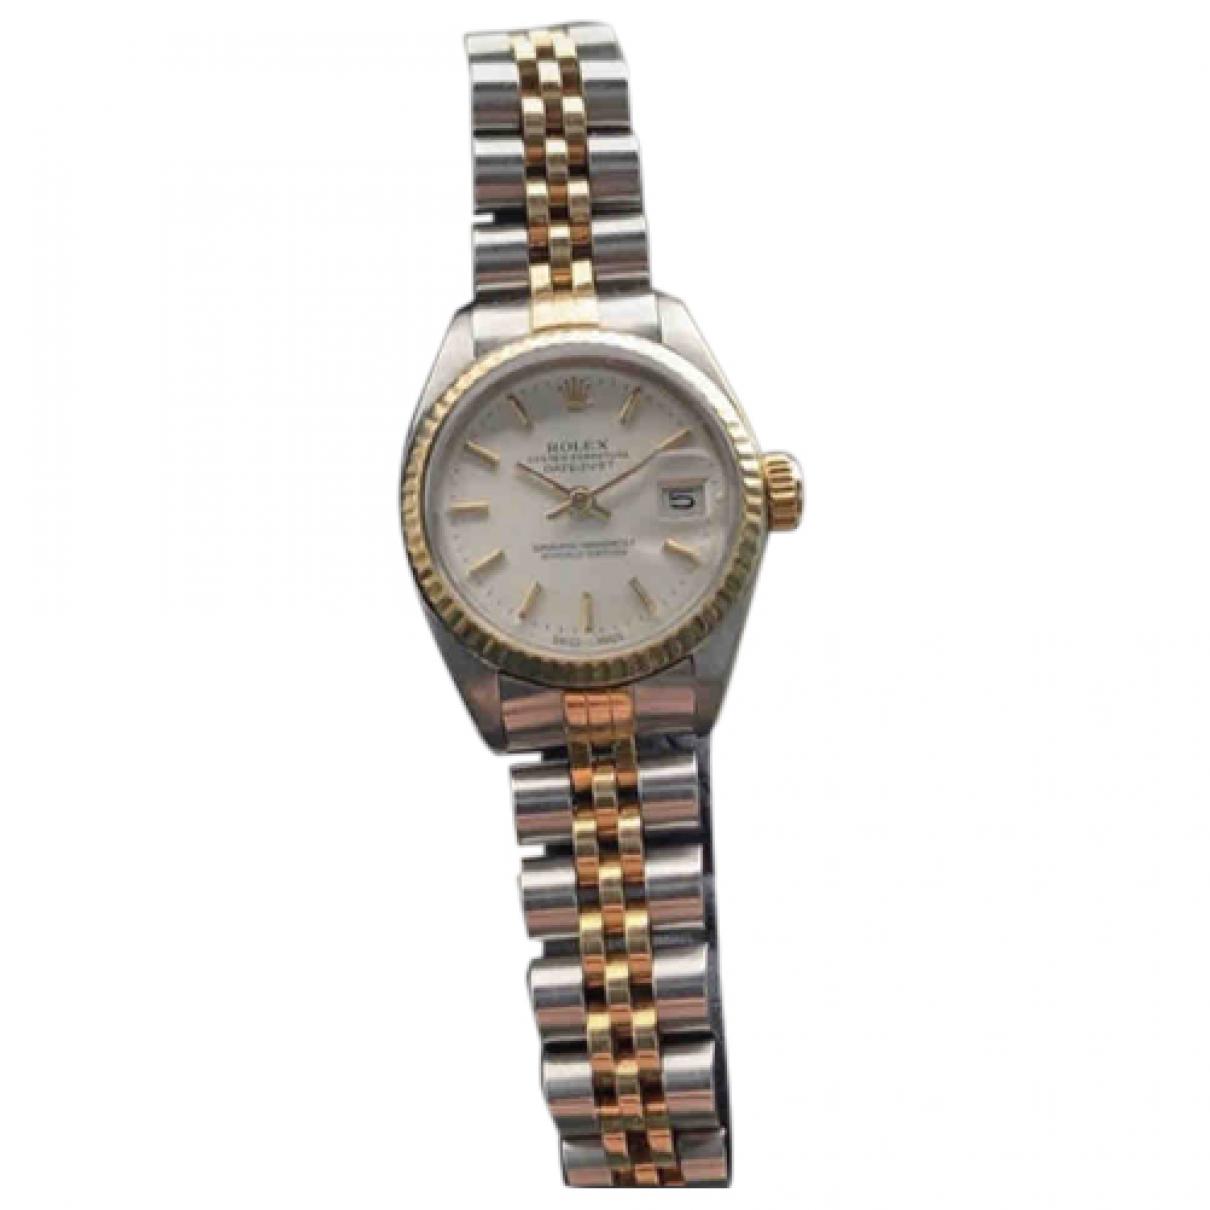 Rolex - Montre Lady DateJust 26mm pour femme en or et acier - dore